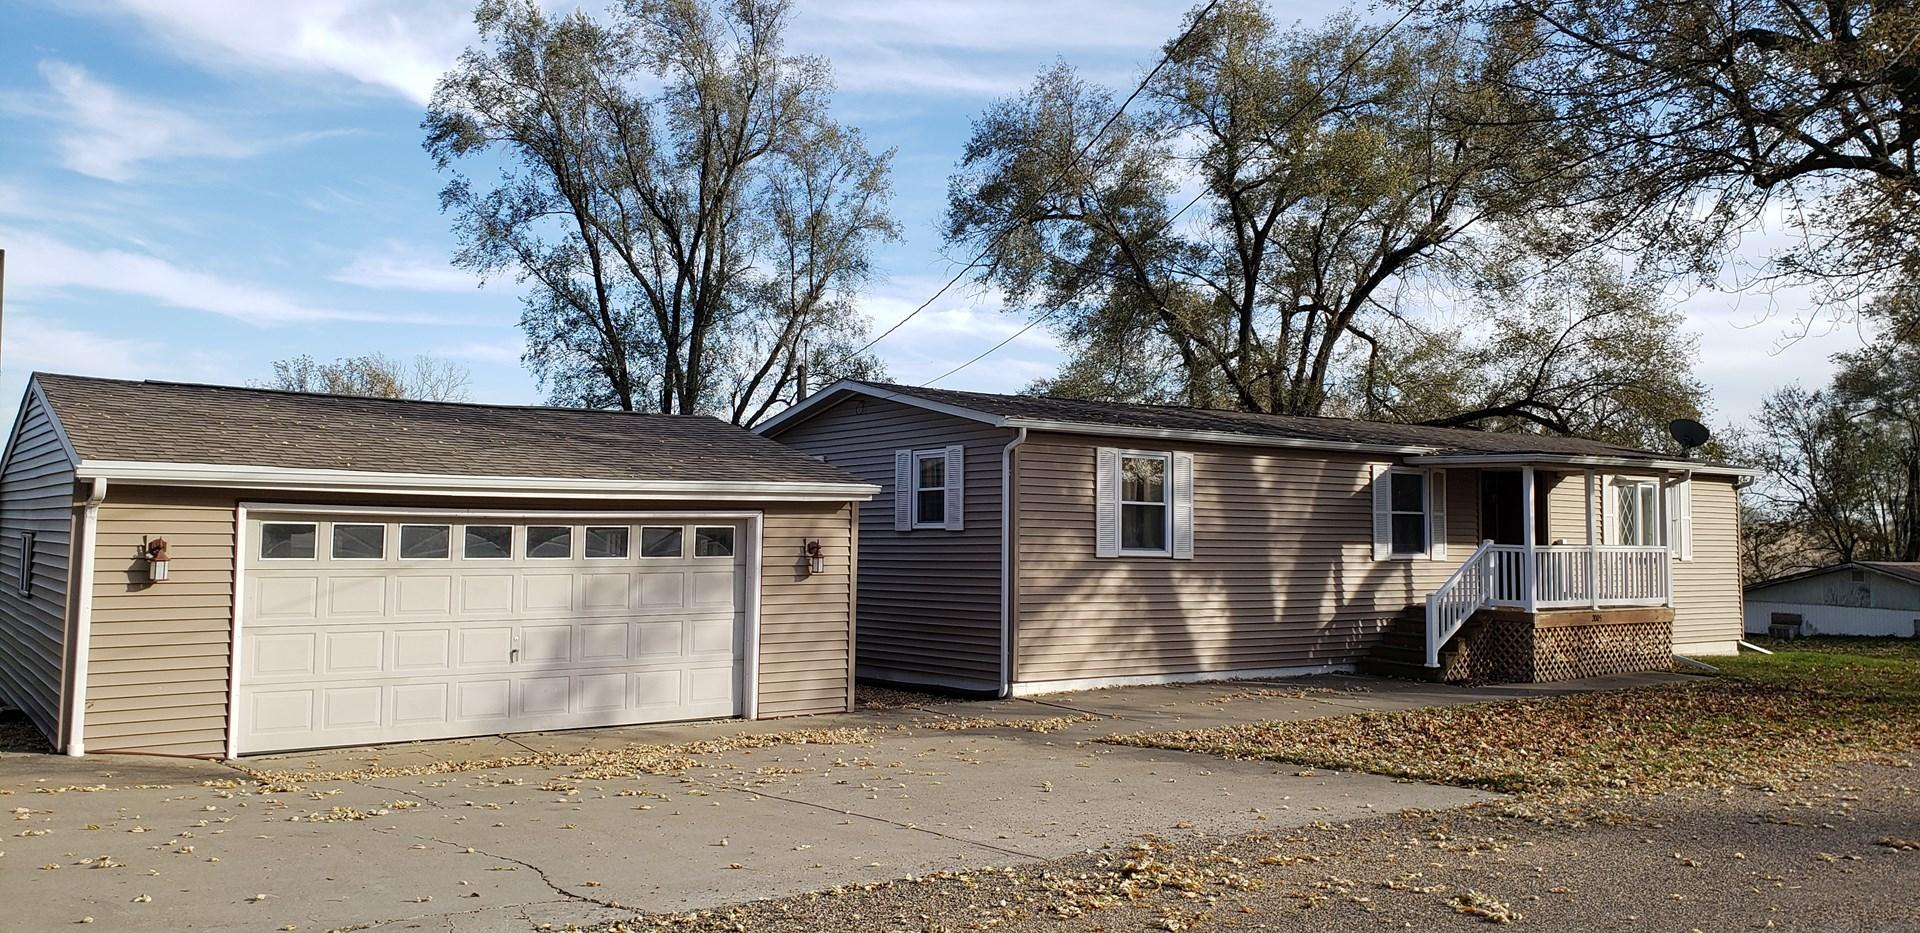 Move In Ready Lovilia Home for Sale